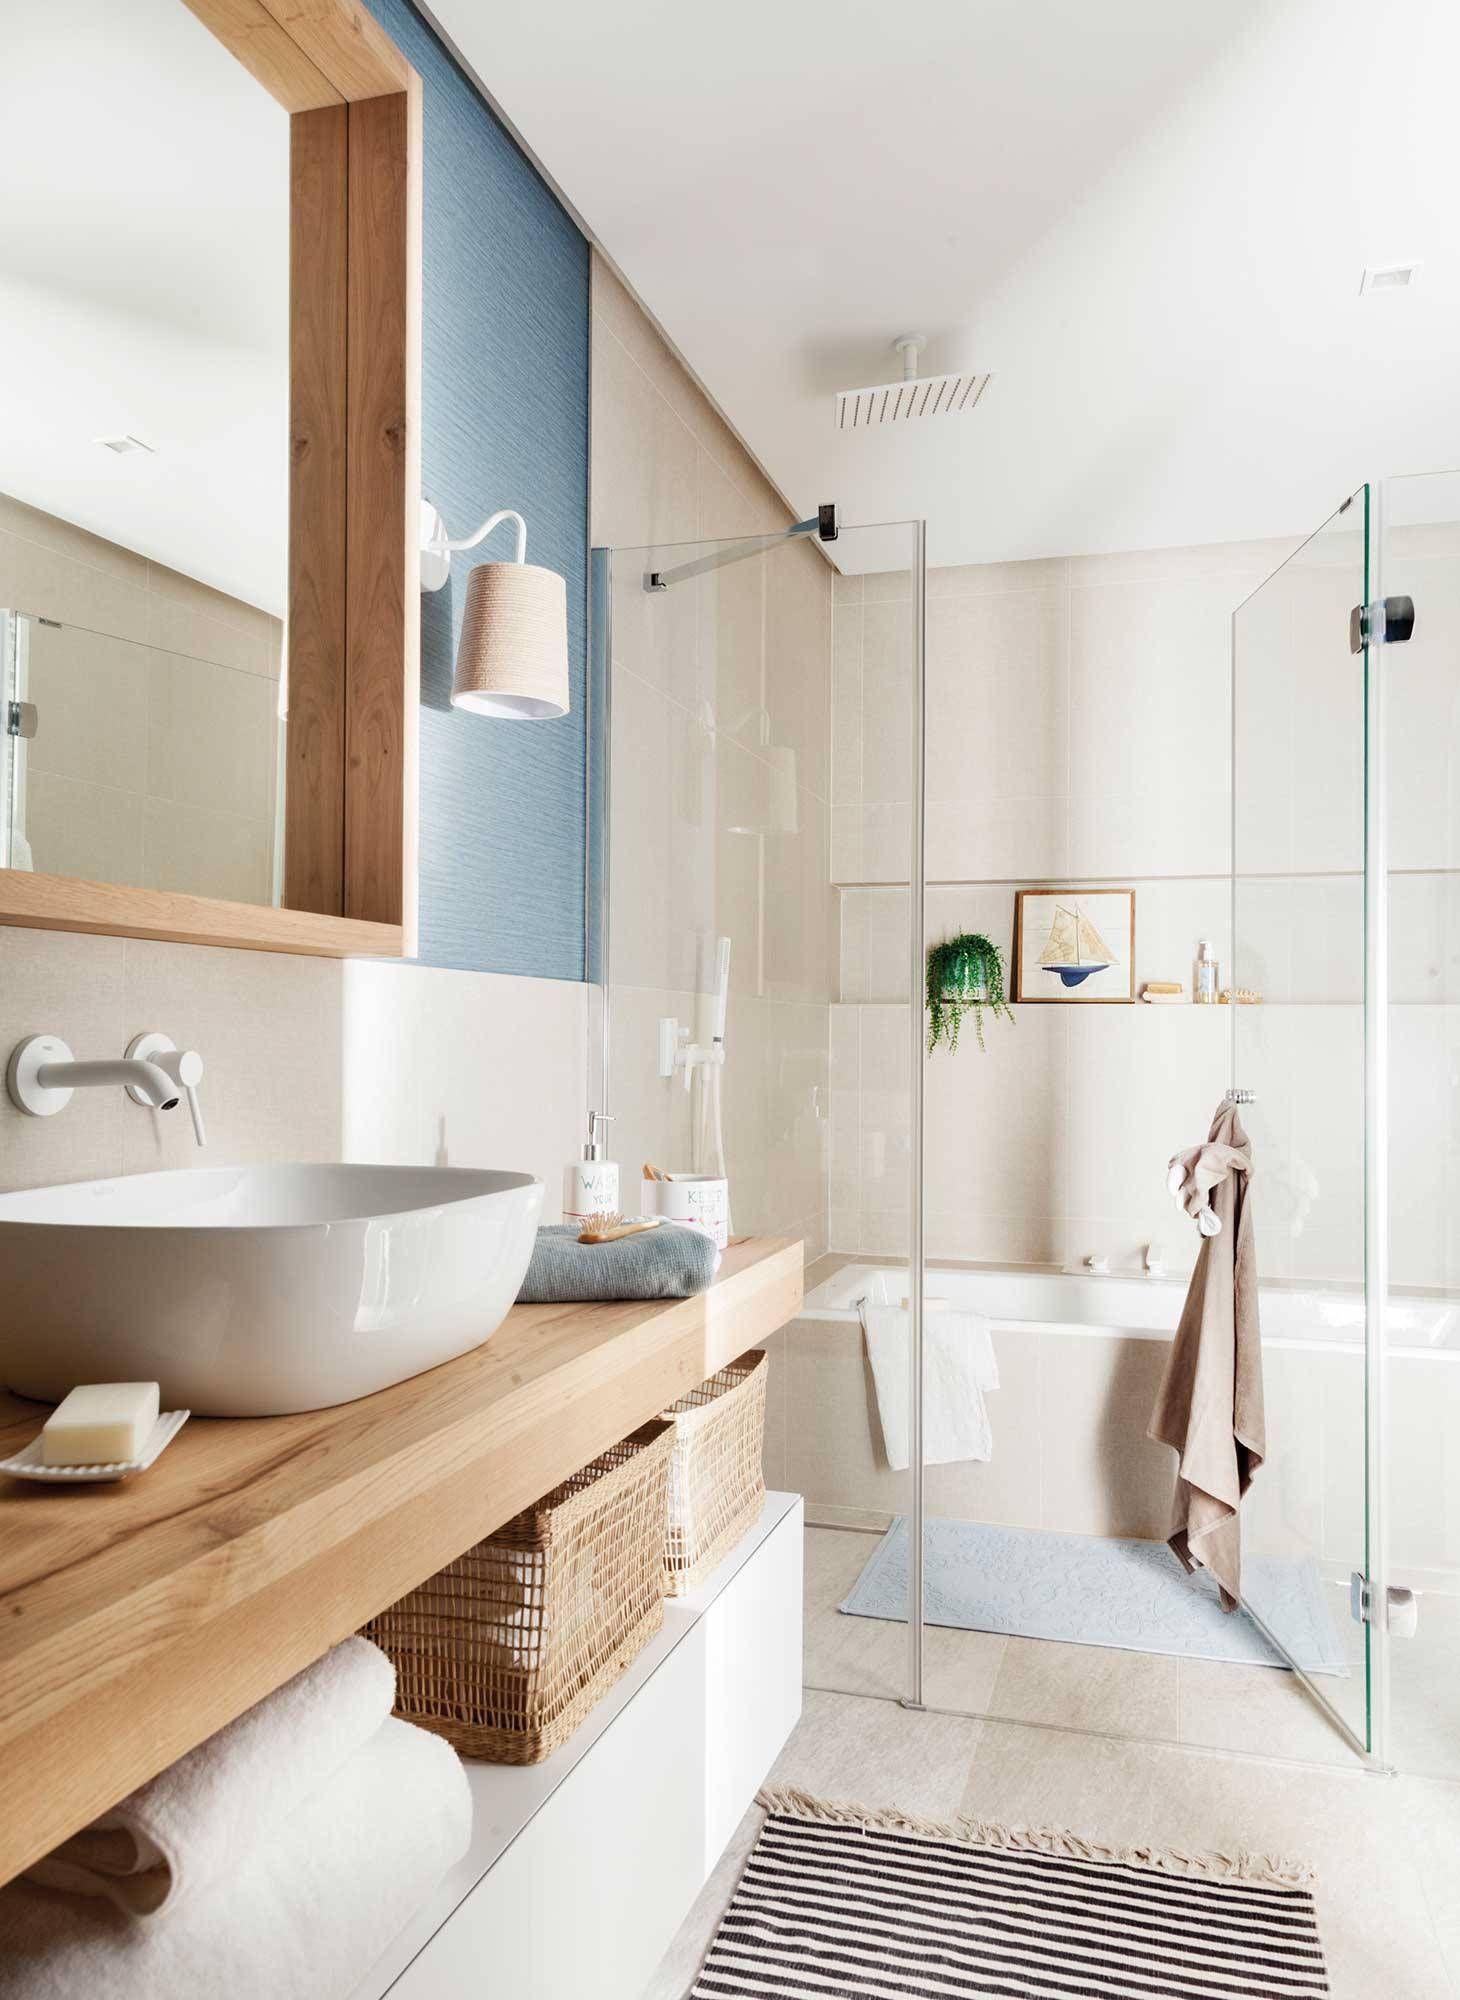 Un baño con bañera y ducha en 2020 | Ducha y bañera, Baños ...